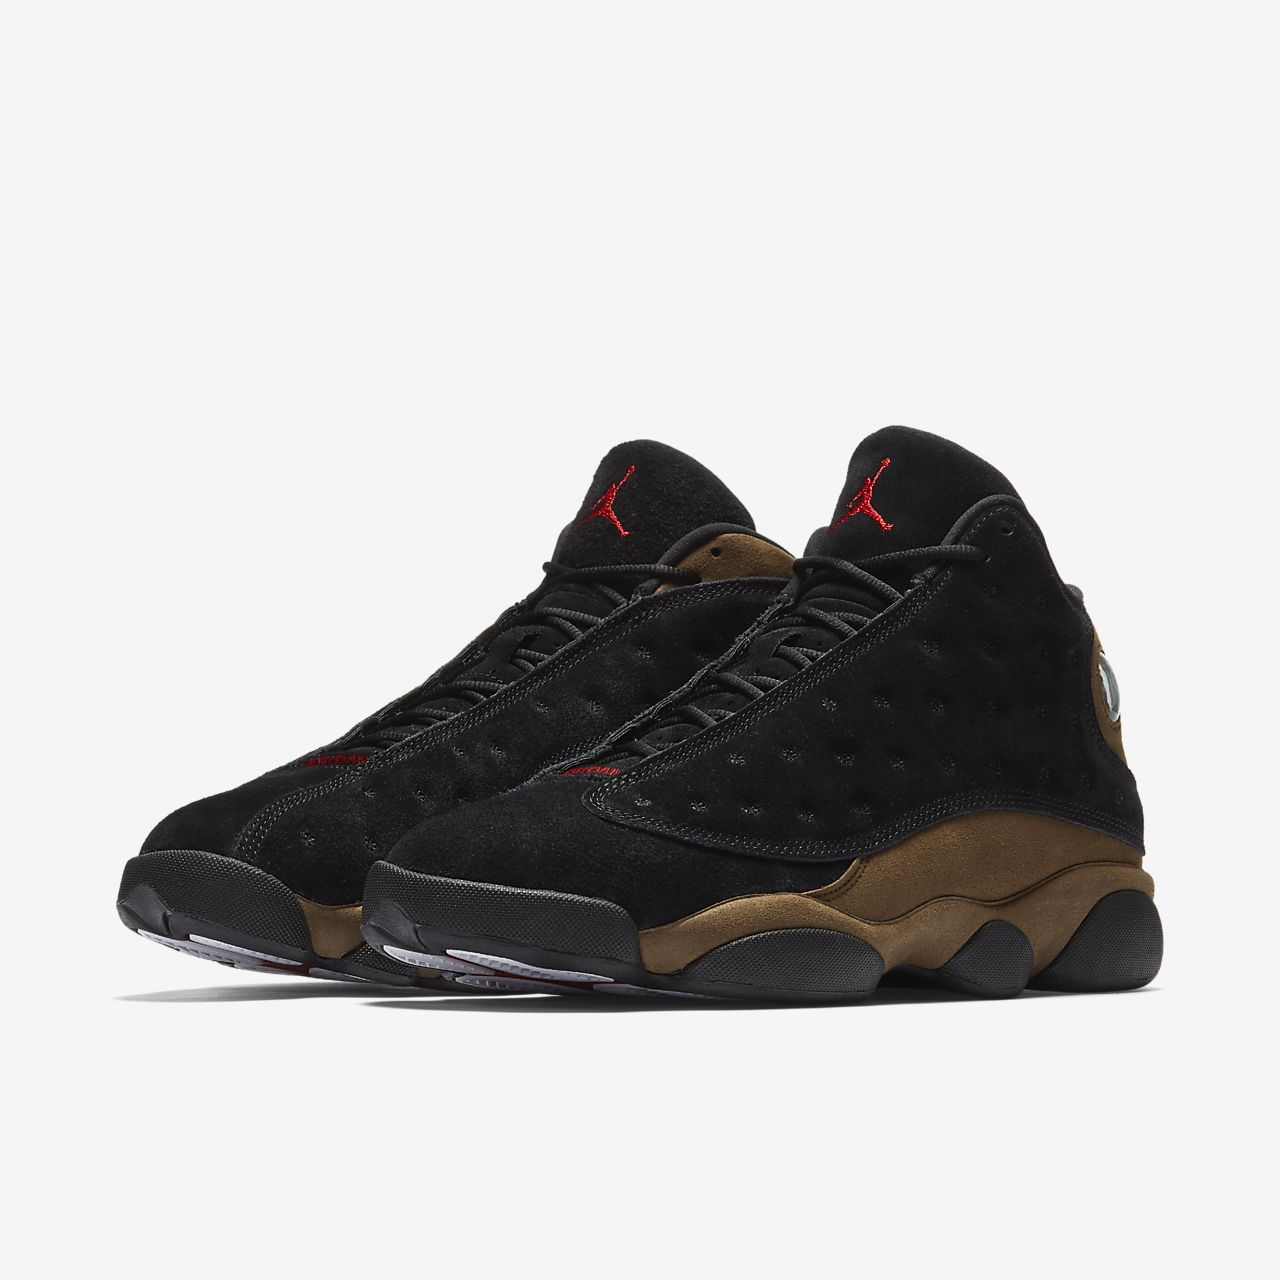 ... Air Jordan 13 Retro Men's Shoe